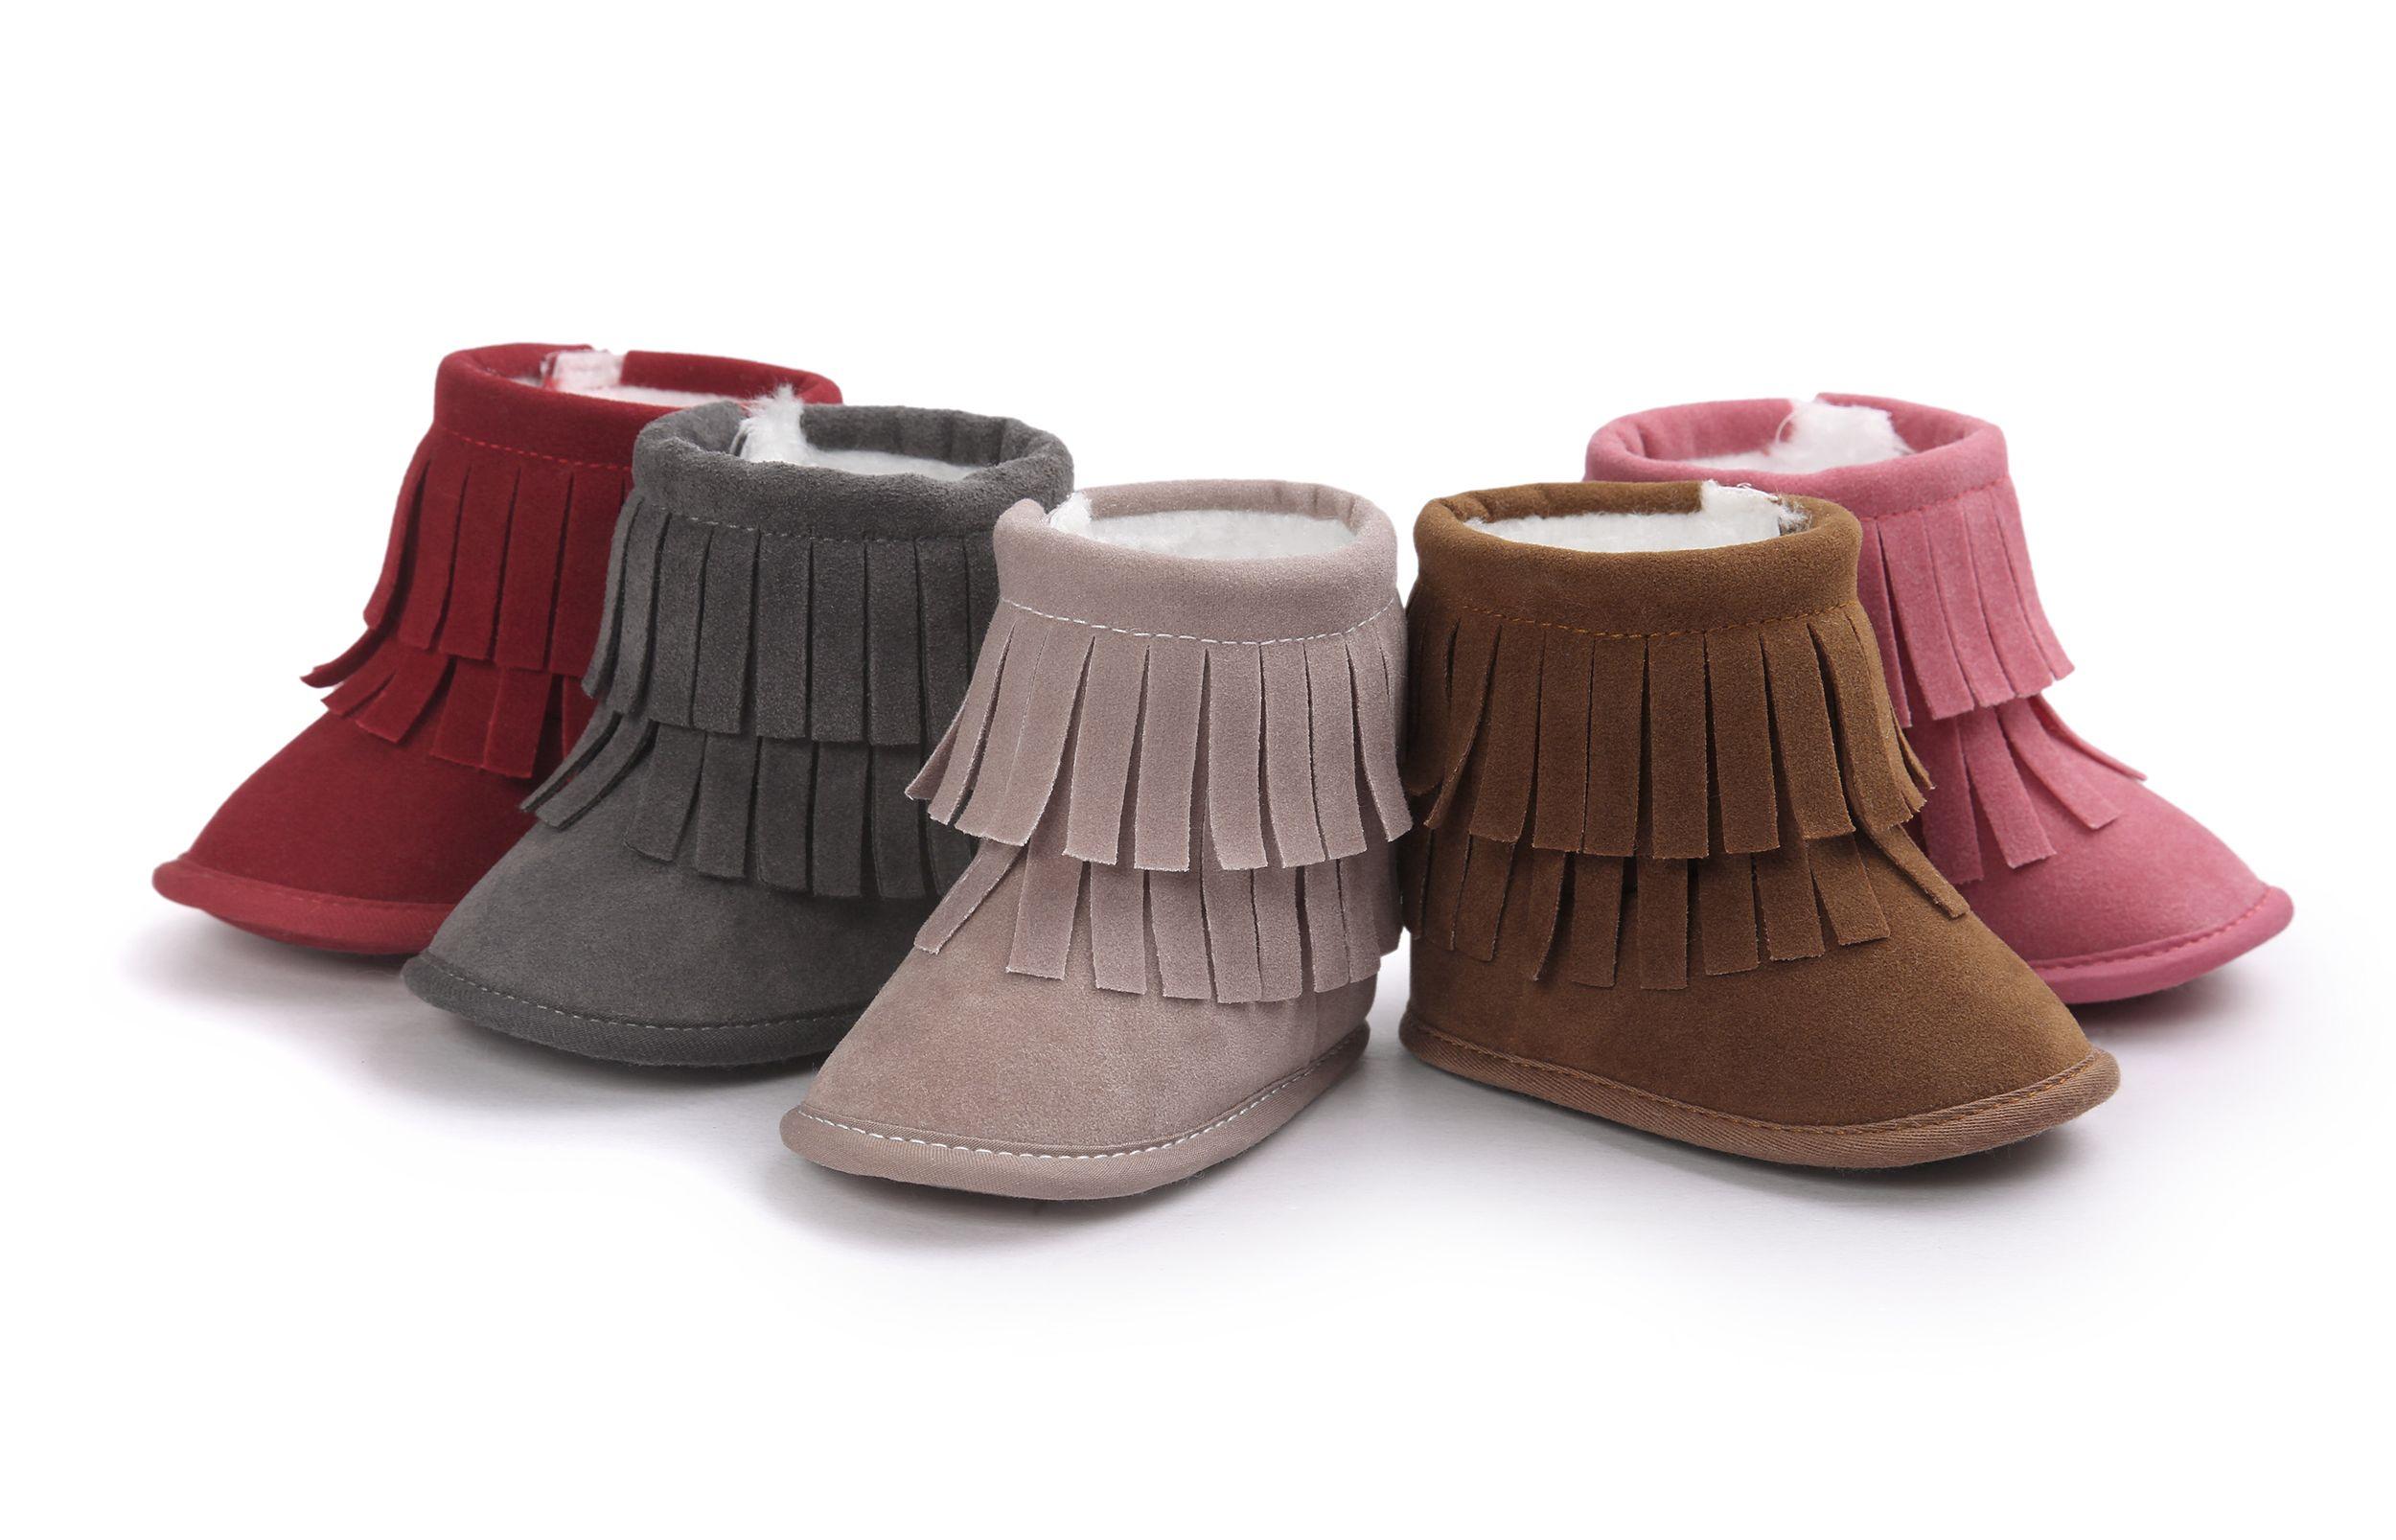 패션 술 디자인 유아 부츠 겨울 아기 소녀 / 소년 신발 프린지 디자인 신생아 부츠 Mocs hot sale prewalkers